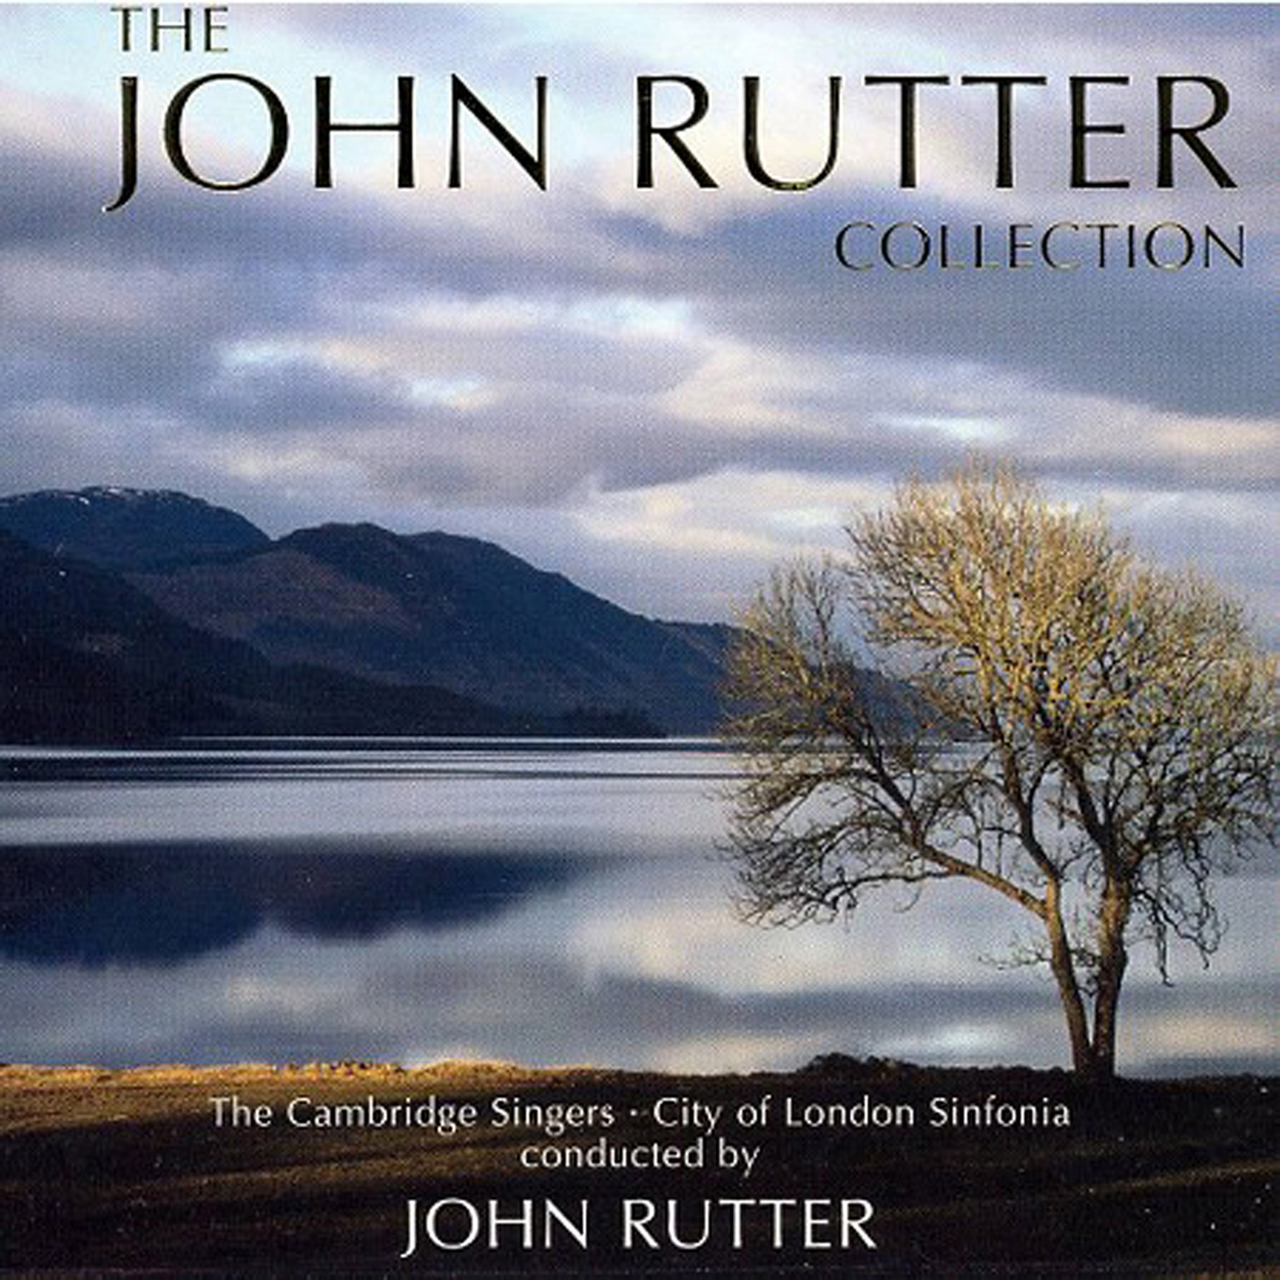 The john rutter collection by john rutter